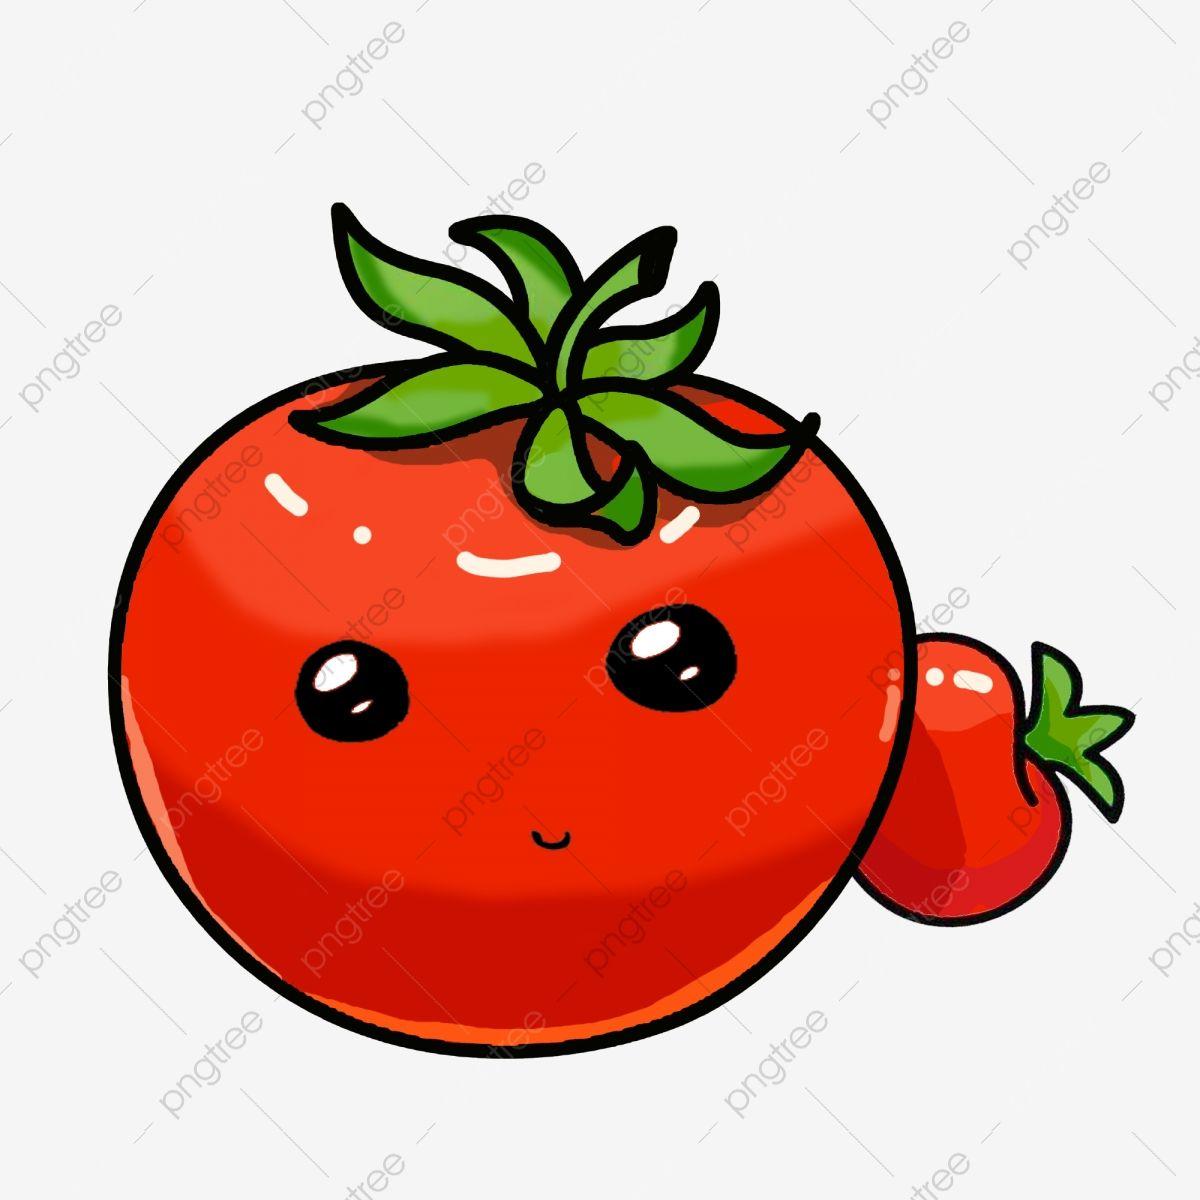 Tomates Preciosos Tomate Rojo Ilustracion Verduras Tomate Ilustracion Cartoon Tomate Tomates Dibujados A Mano Tomate Rojo Png Y Psd Para Descargar Gratis P Tomates Dibujo Manos Dibujo Materiales De Dibujo